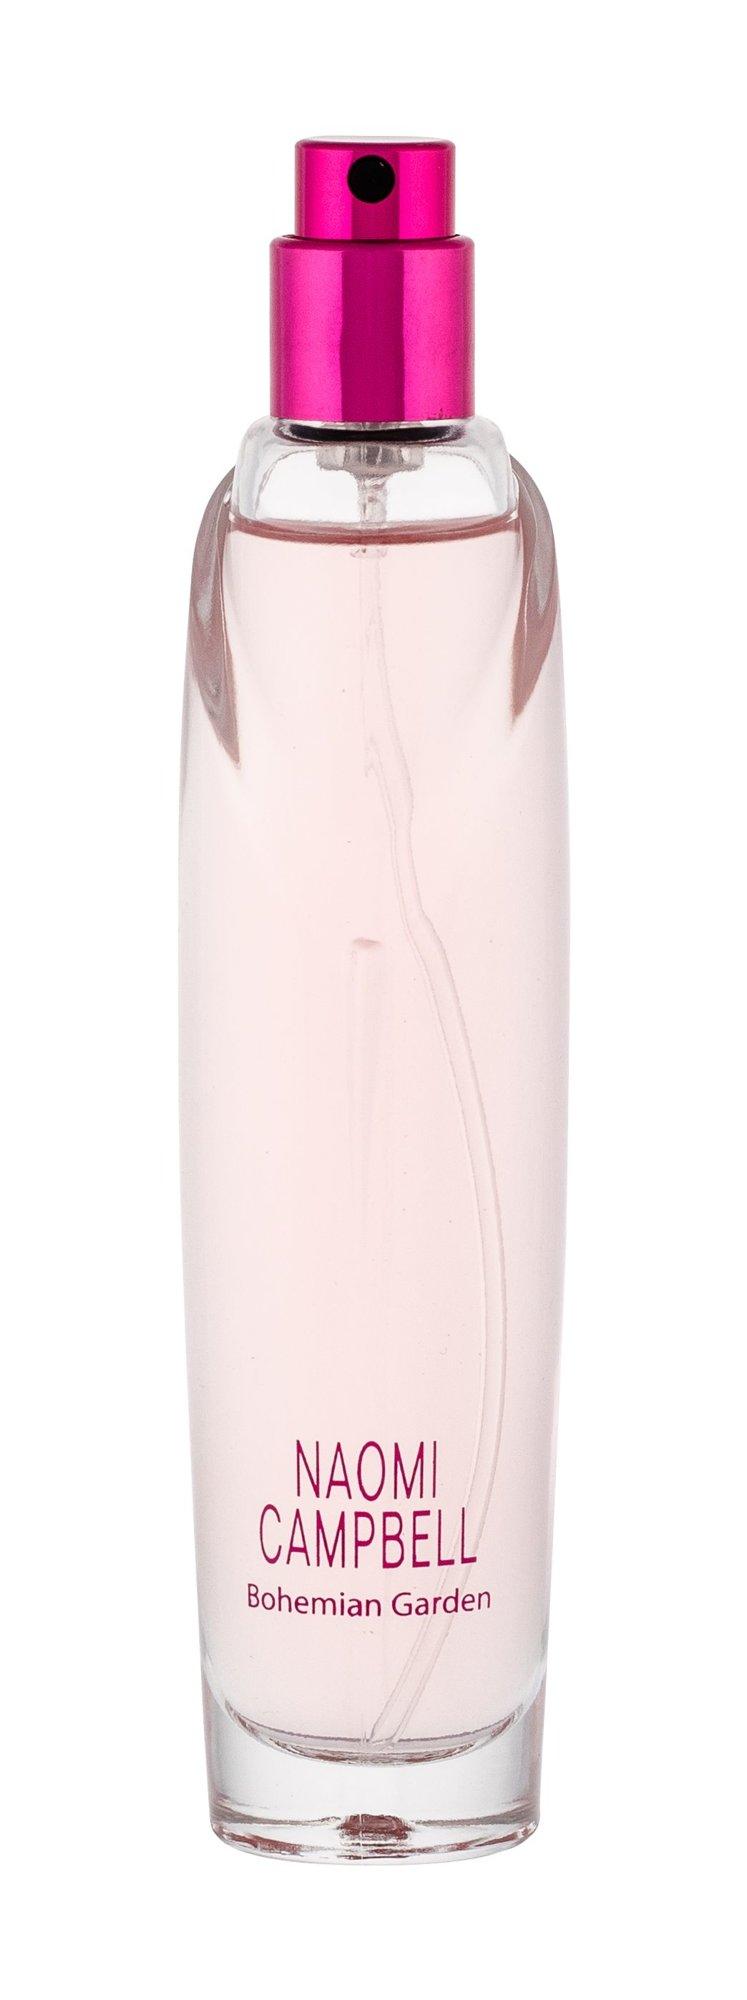 Naomi Campbell Bohemian Garden Eau de Toilette 30ml